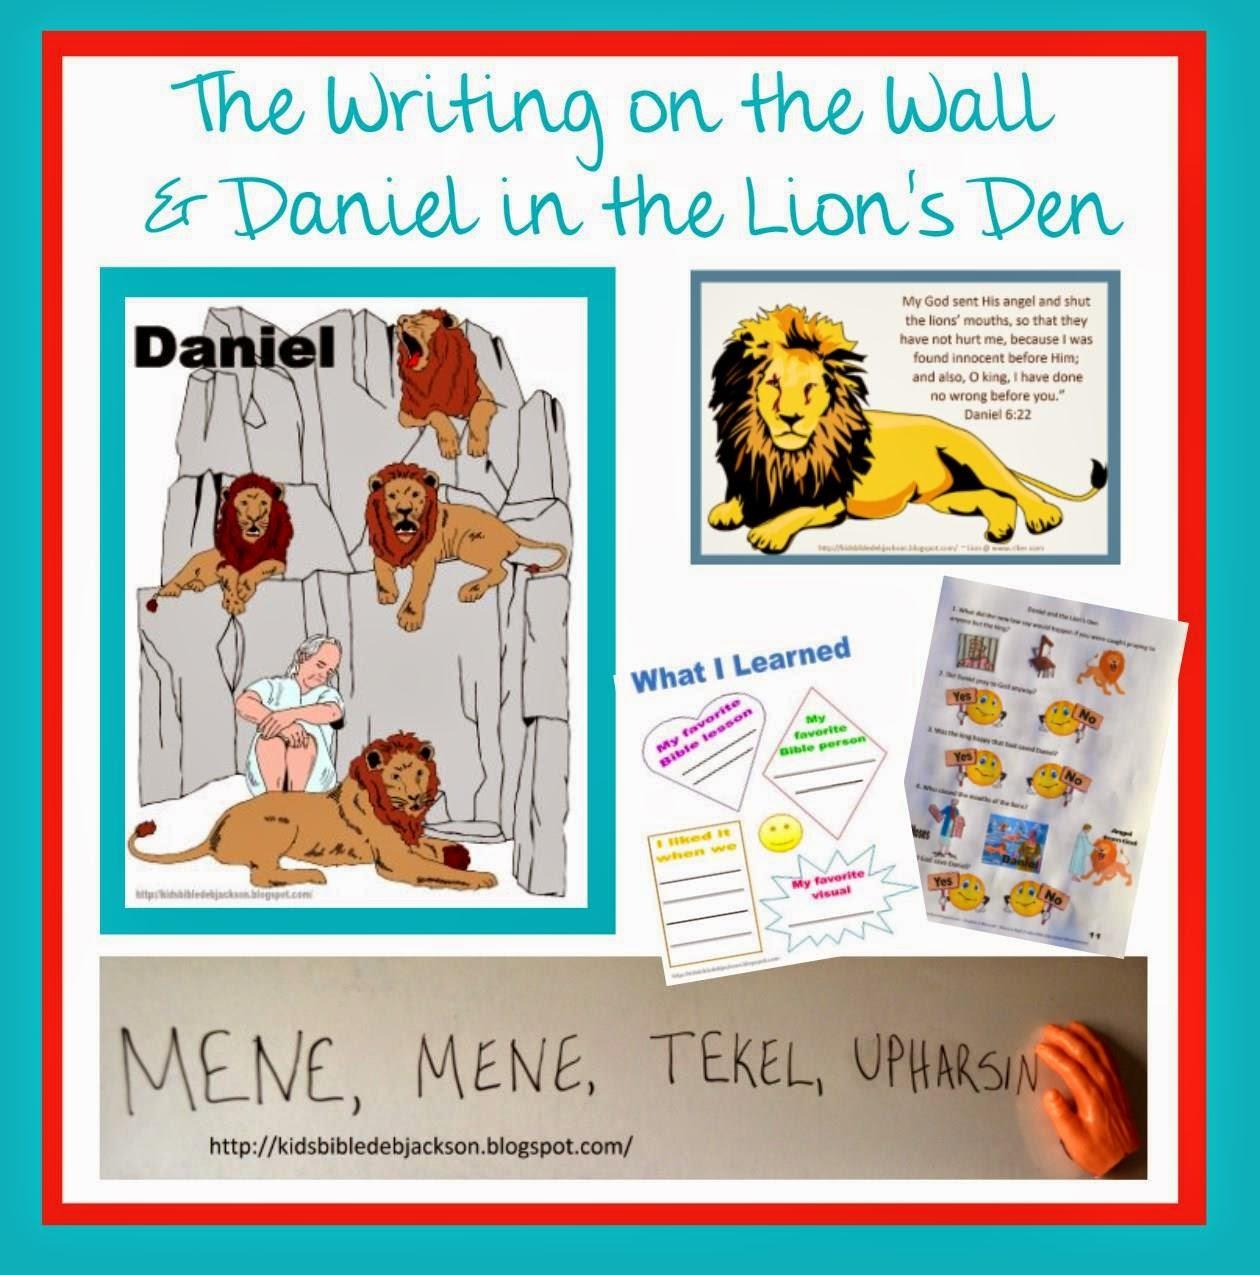 http://kidsbibledebjackson.blogspot.com/2014/05/daniel-writing-on-wall-lions-den.html